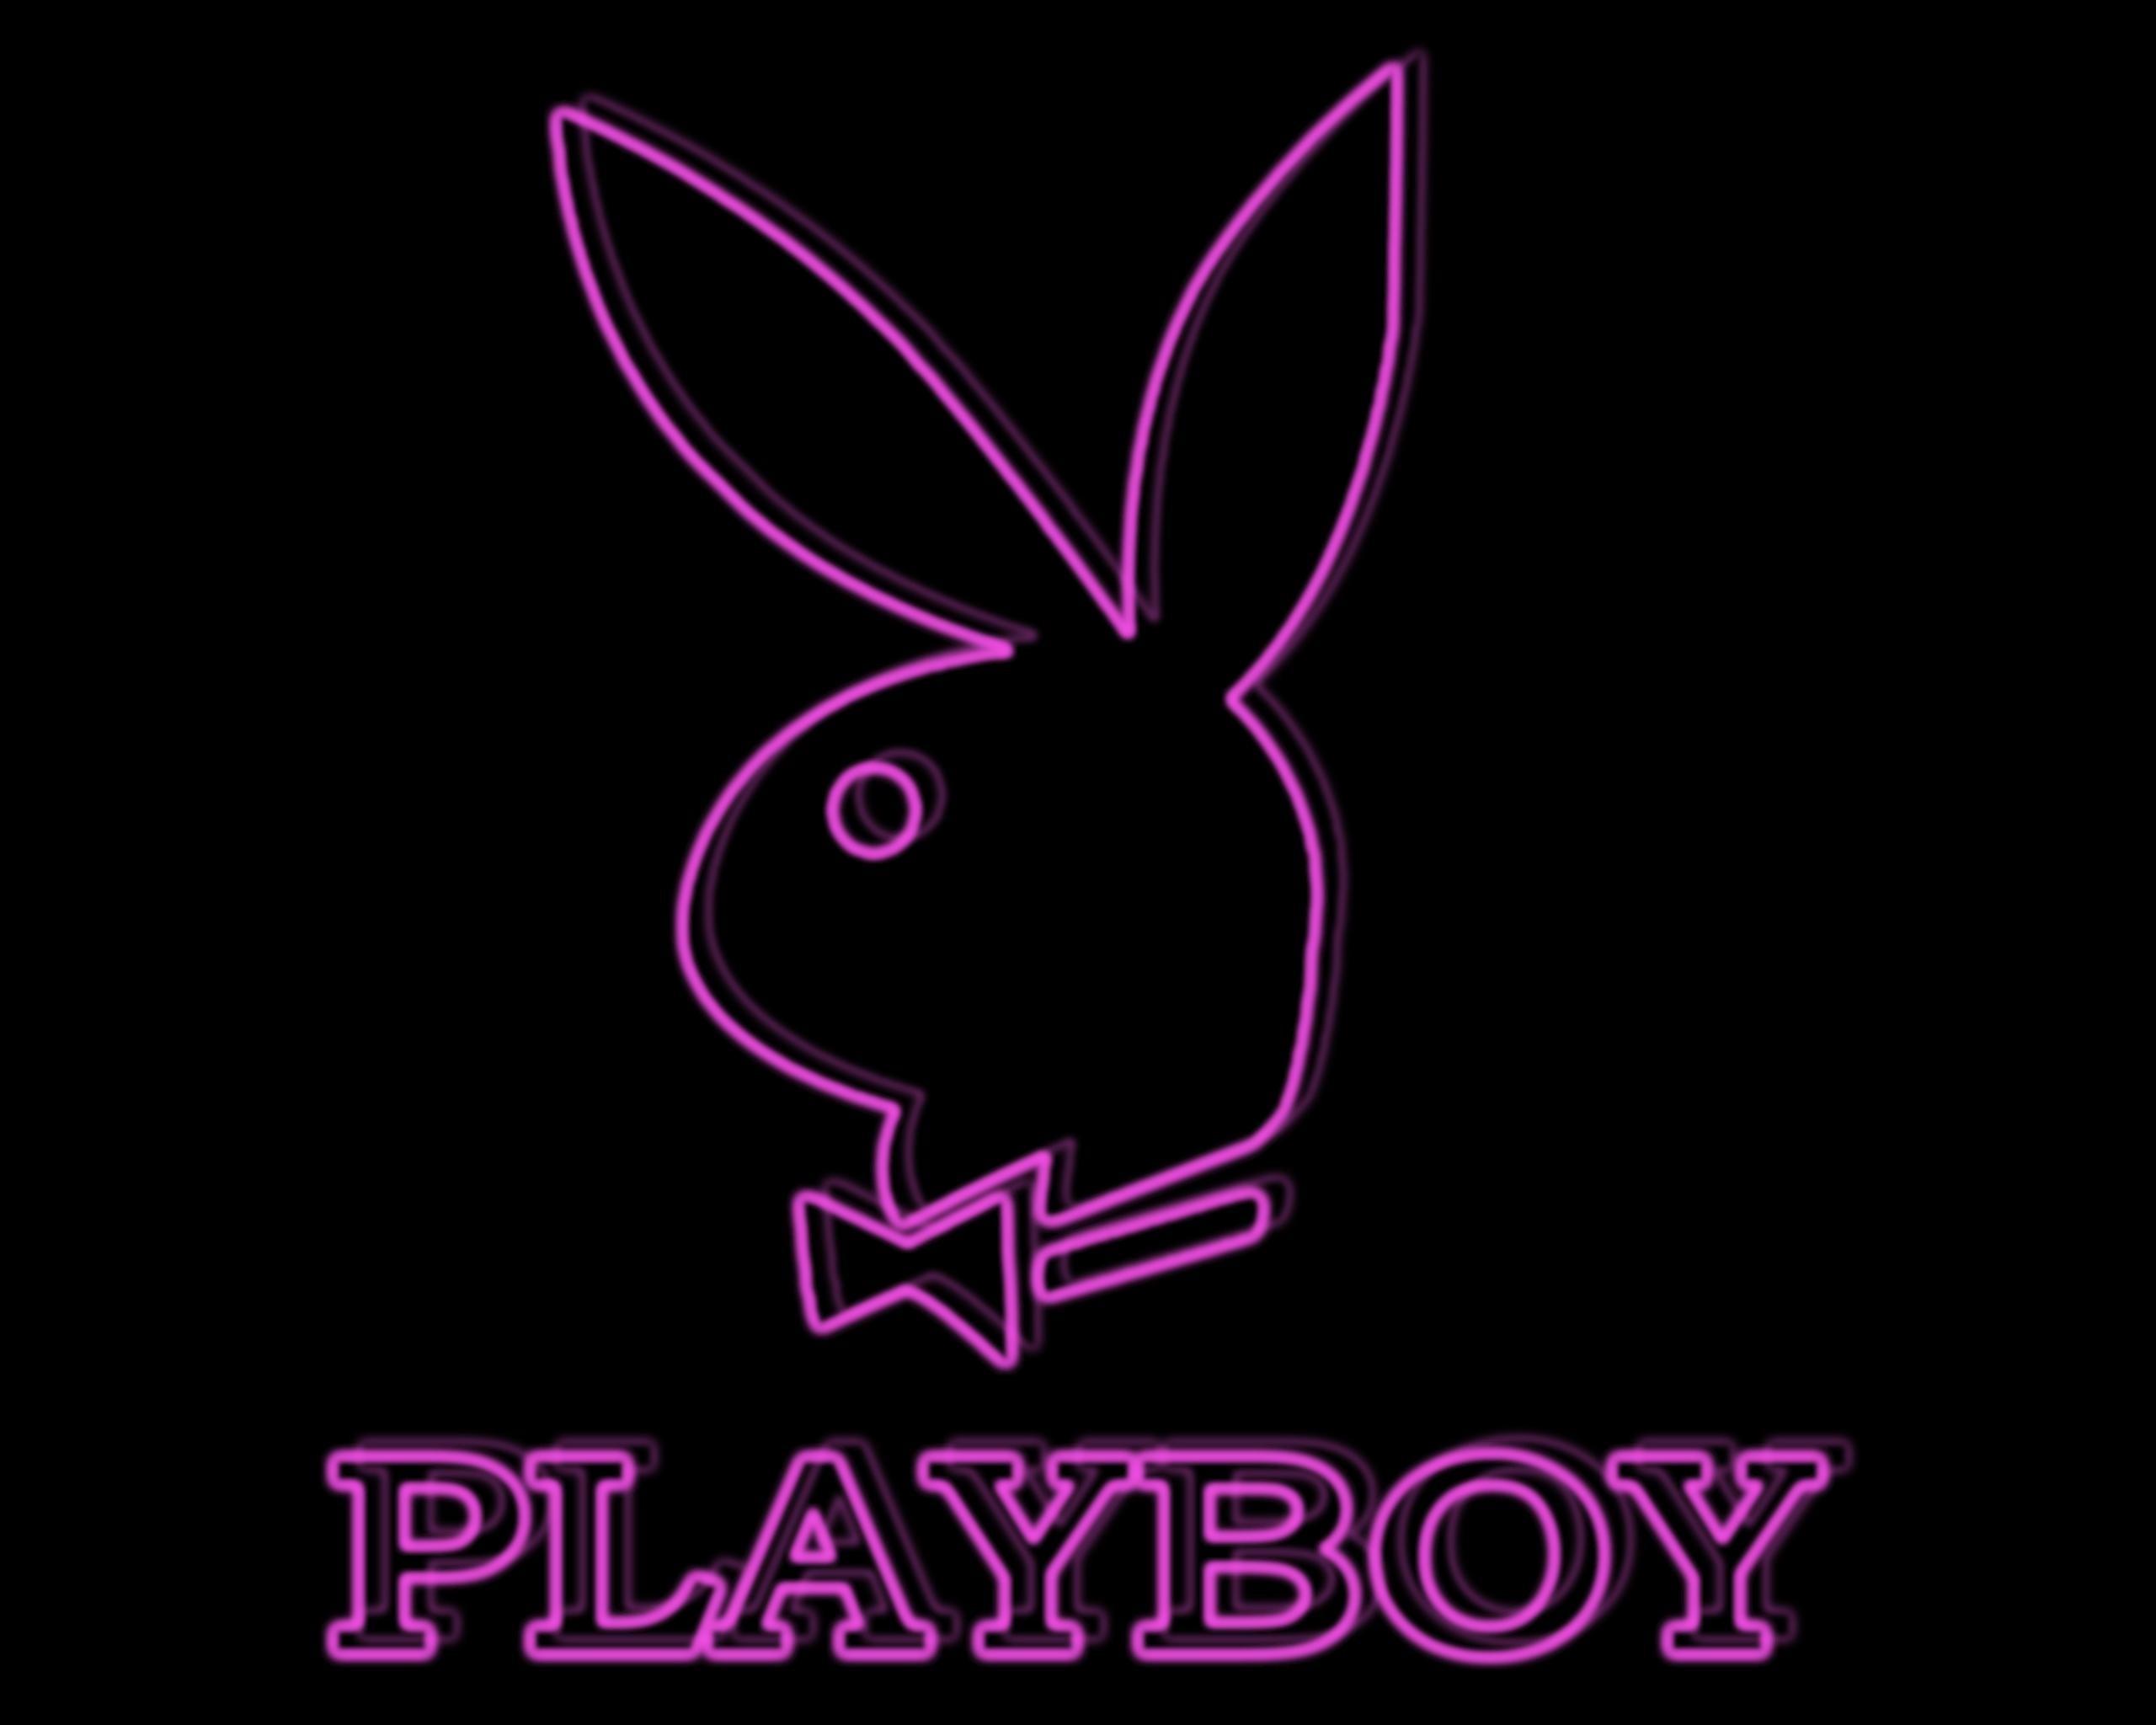 PLAYBOY – Playboy